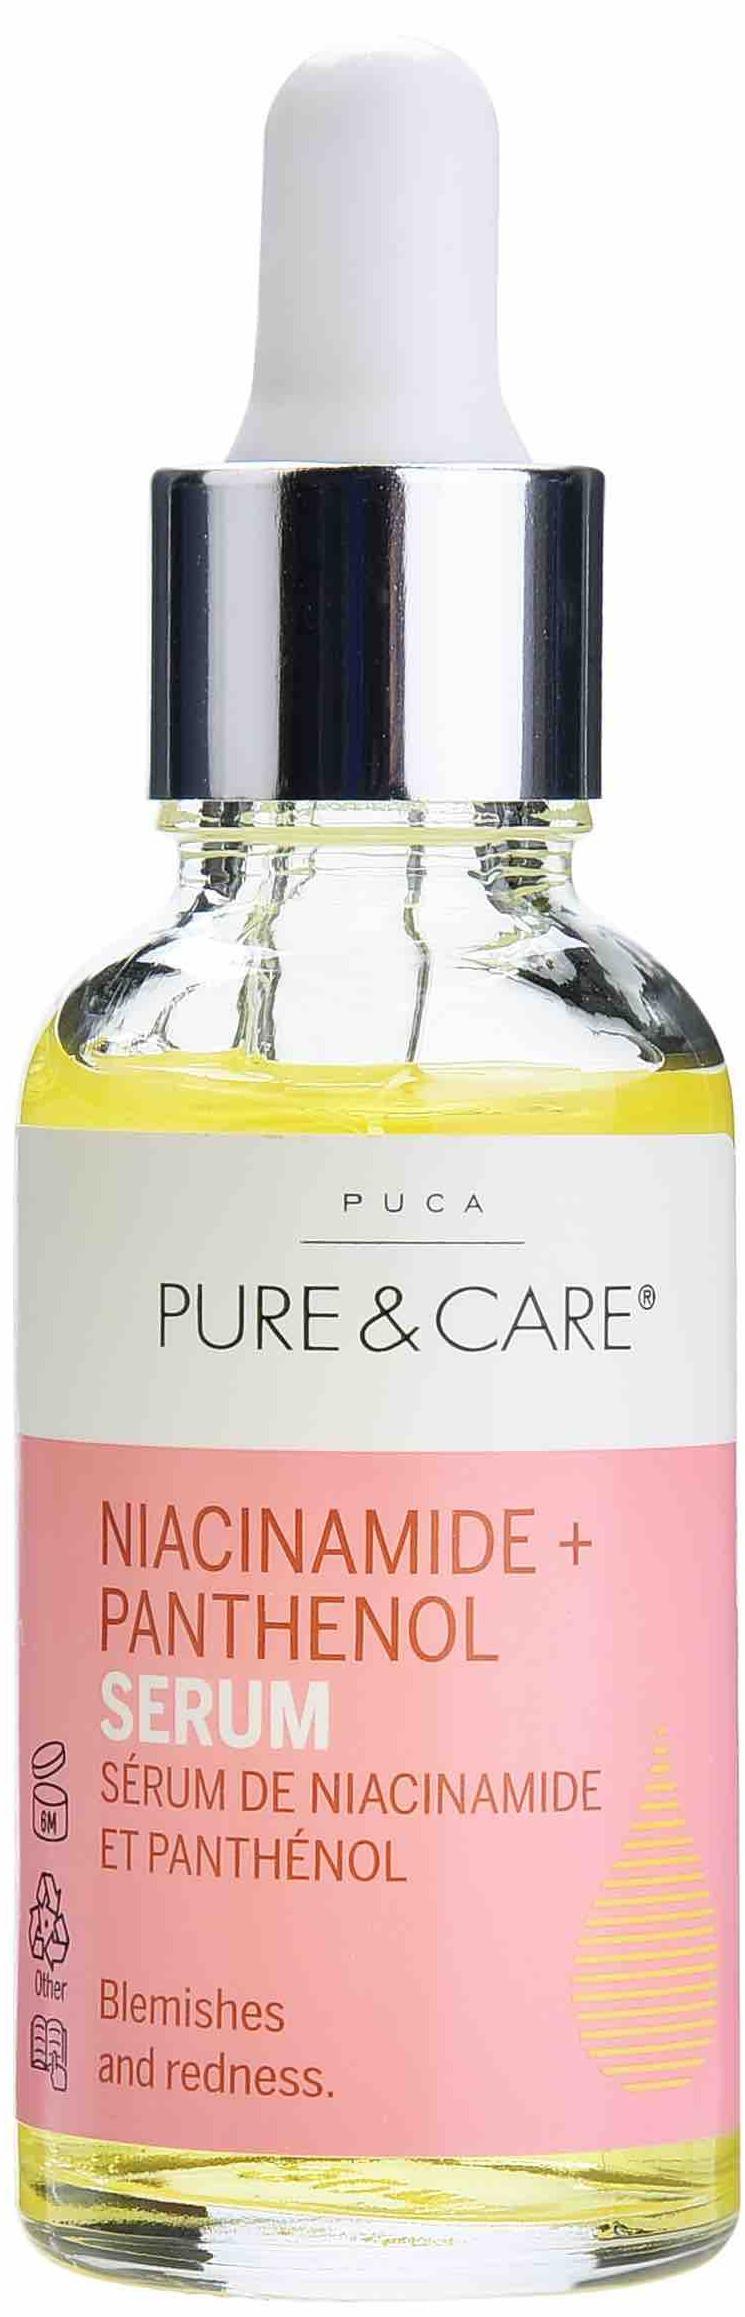 Puca Pure & Care Niacinamide + Panthenol Serum